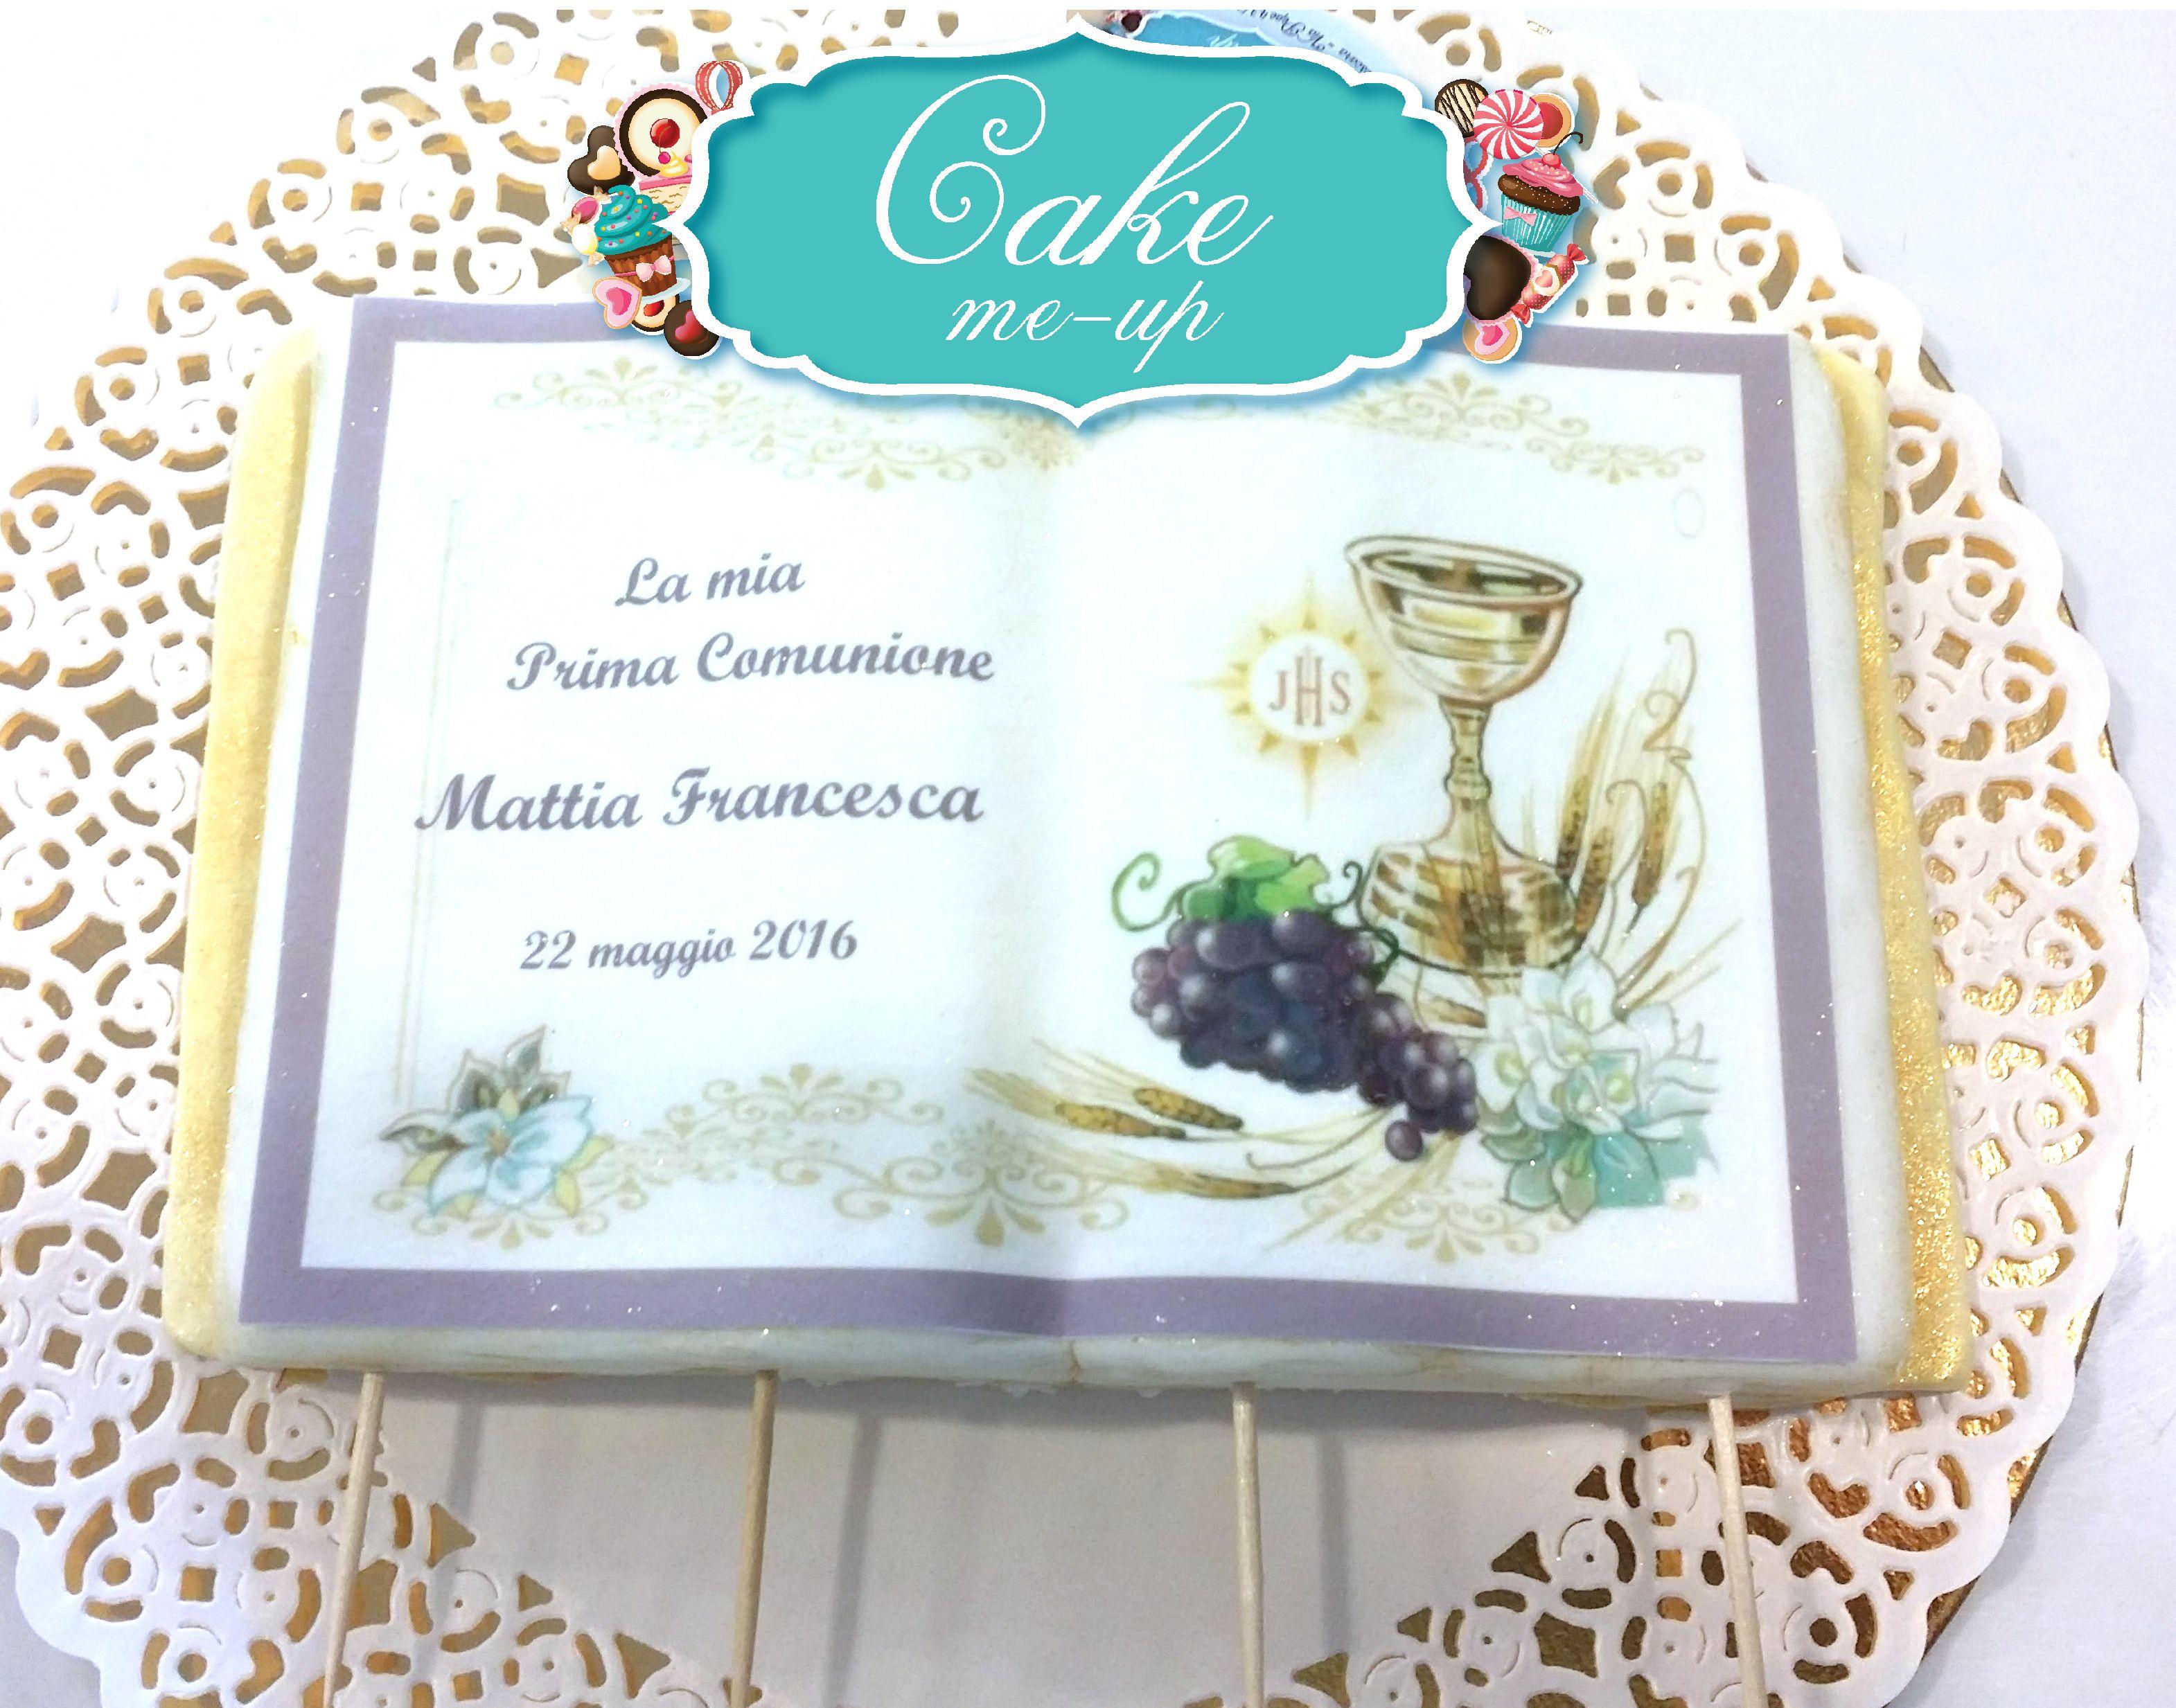 #pescara #cakemeup #pastadizucchero #decorazione #topper #cake #torta #compleanno #comunione